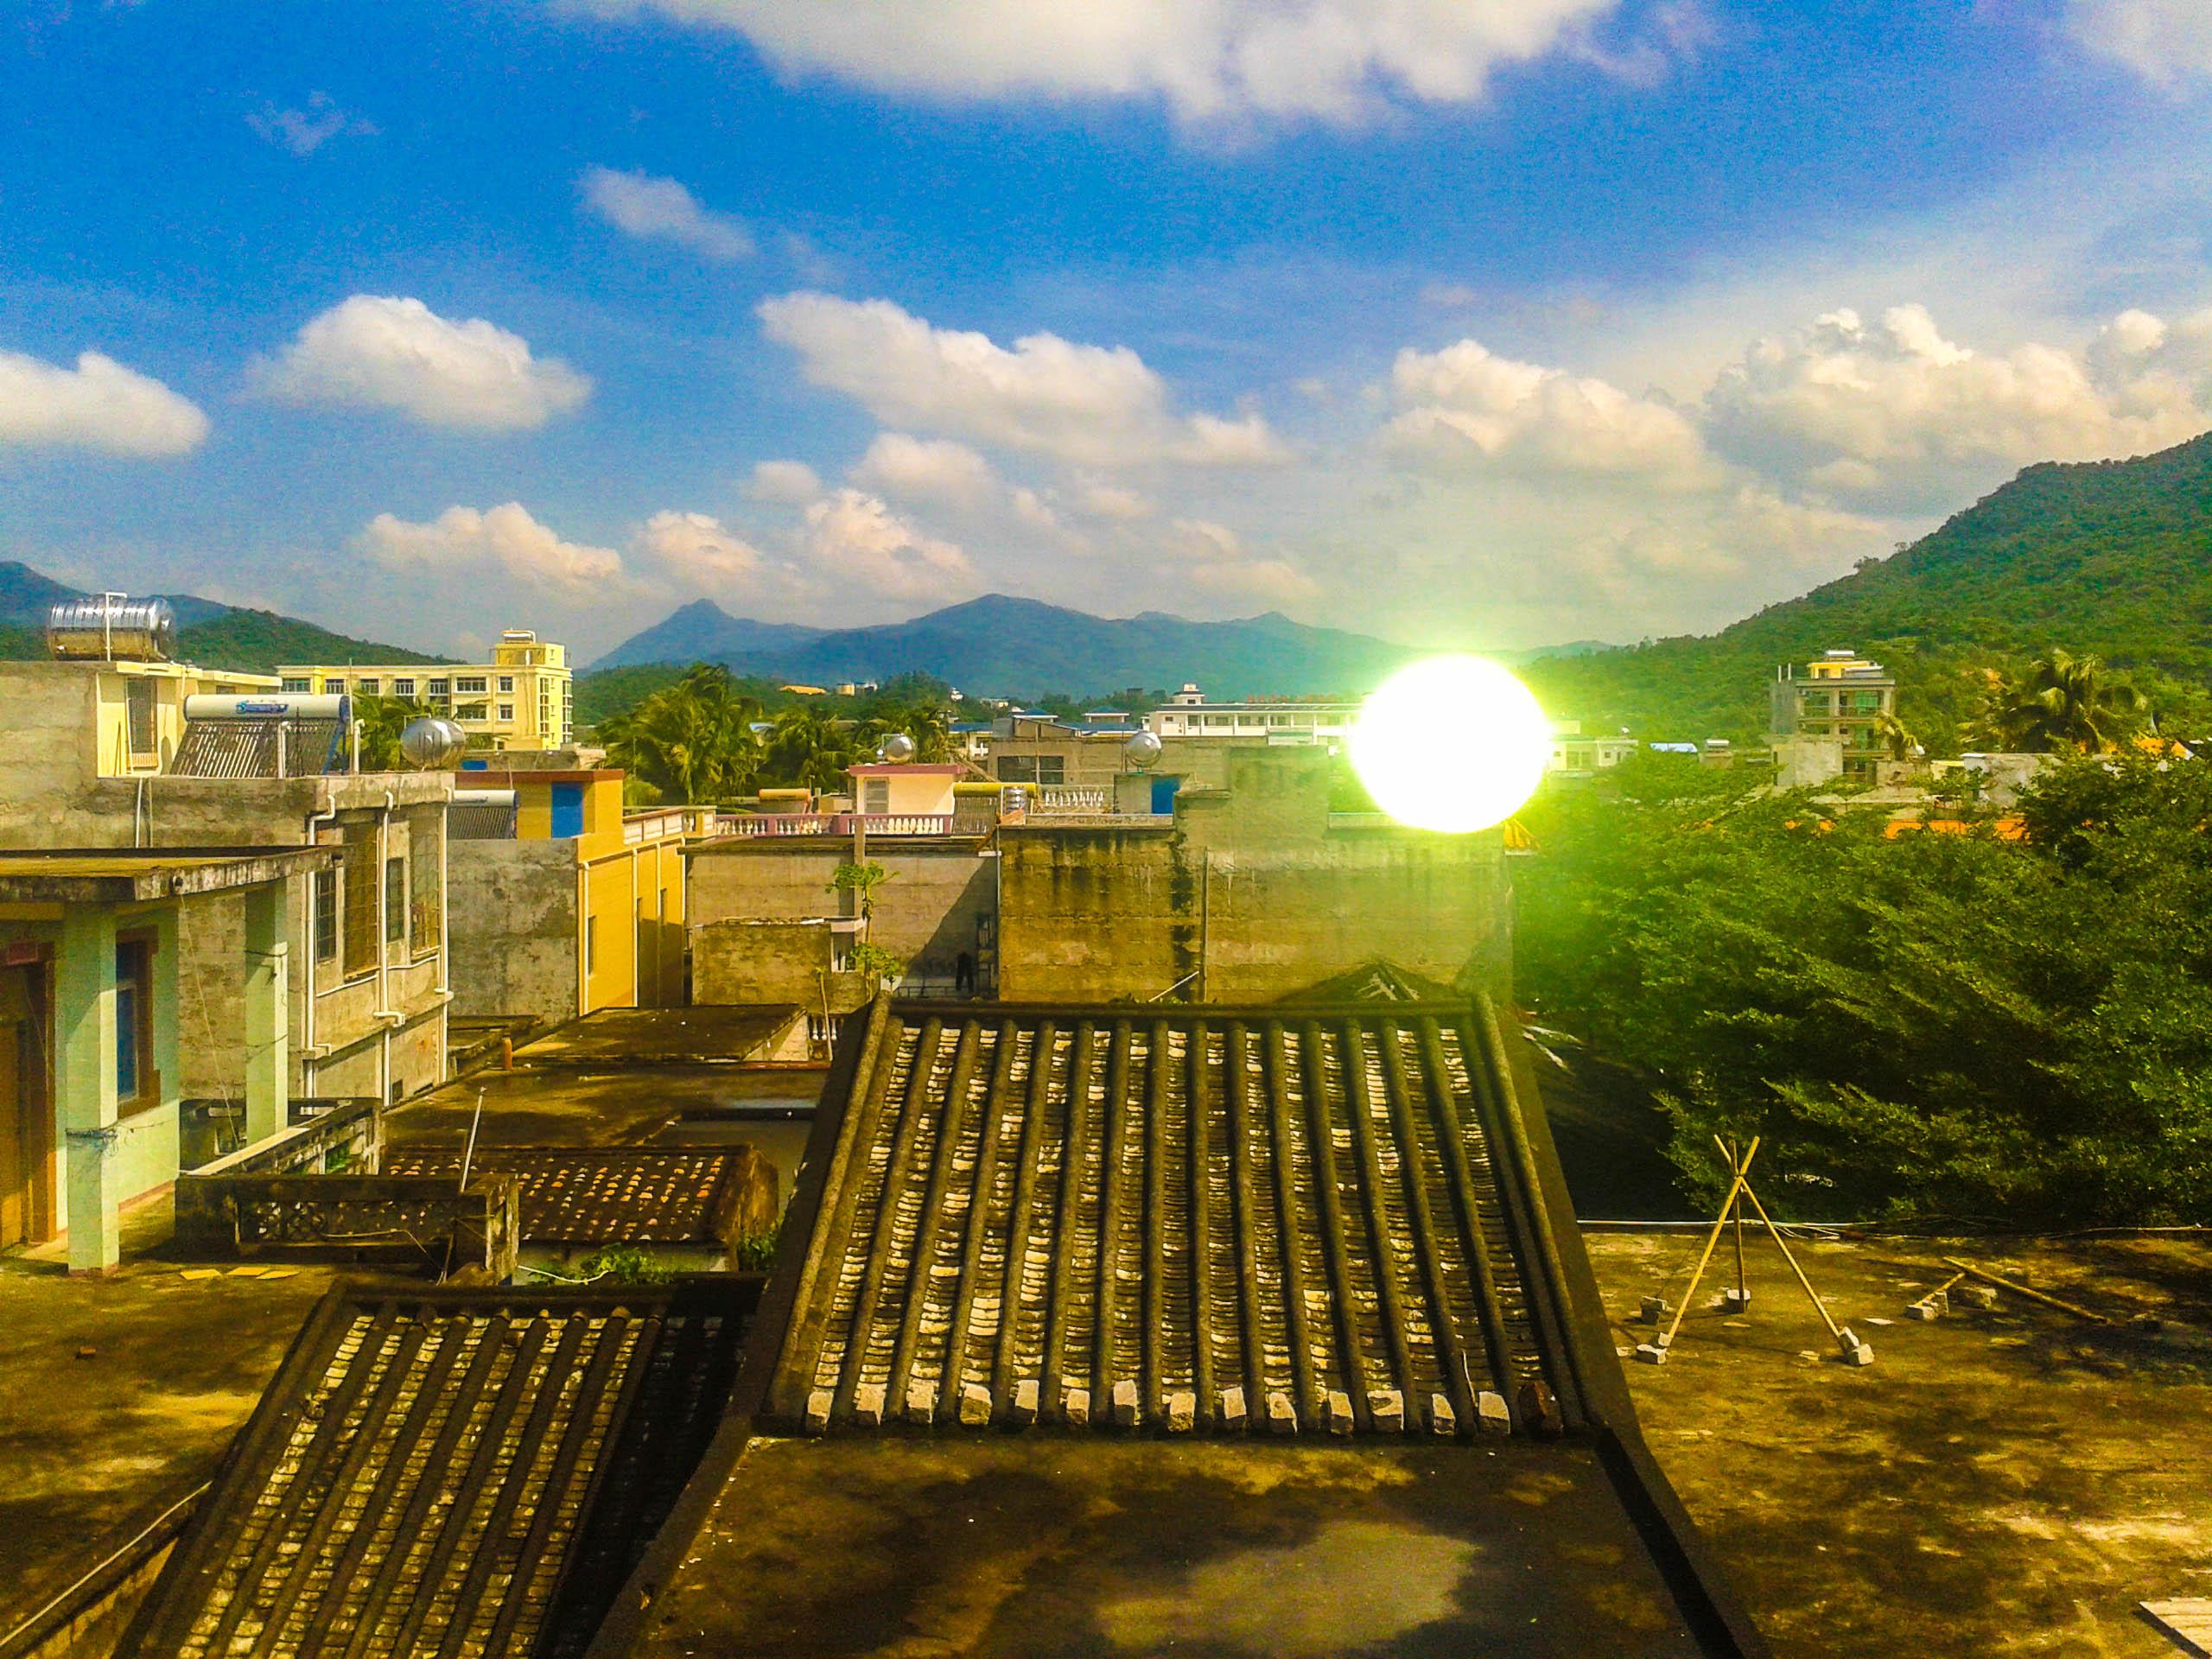 Sanya town. Sunny